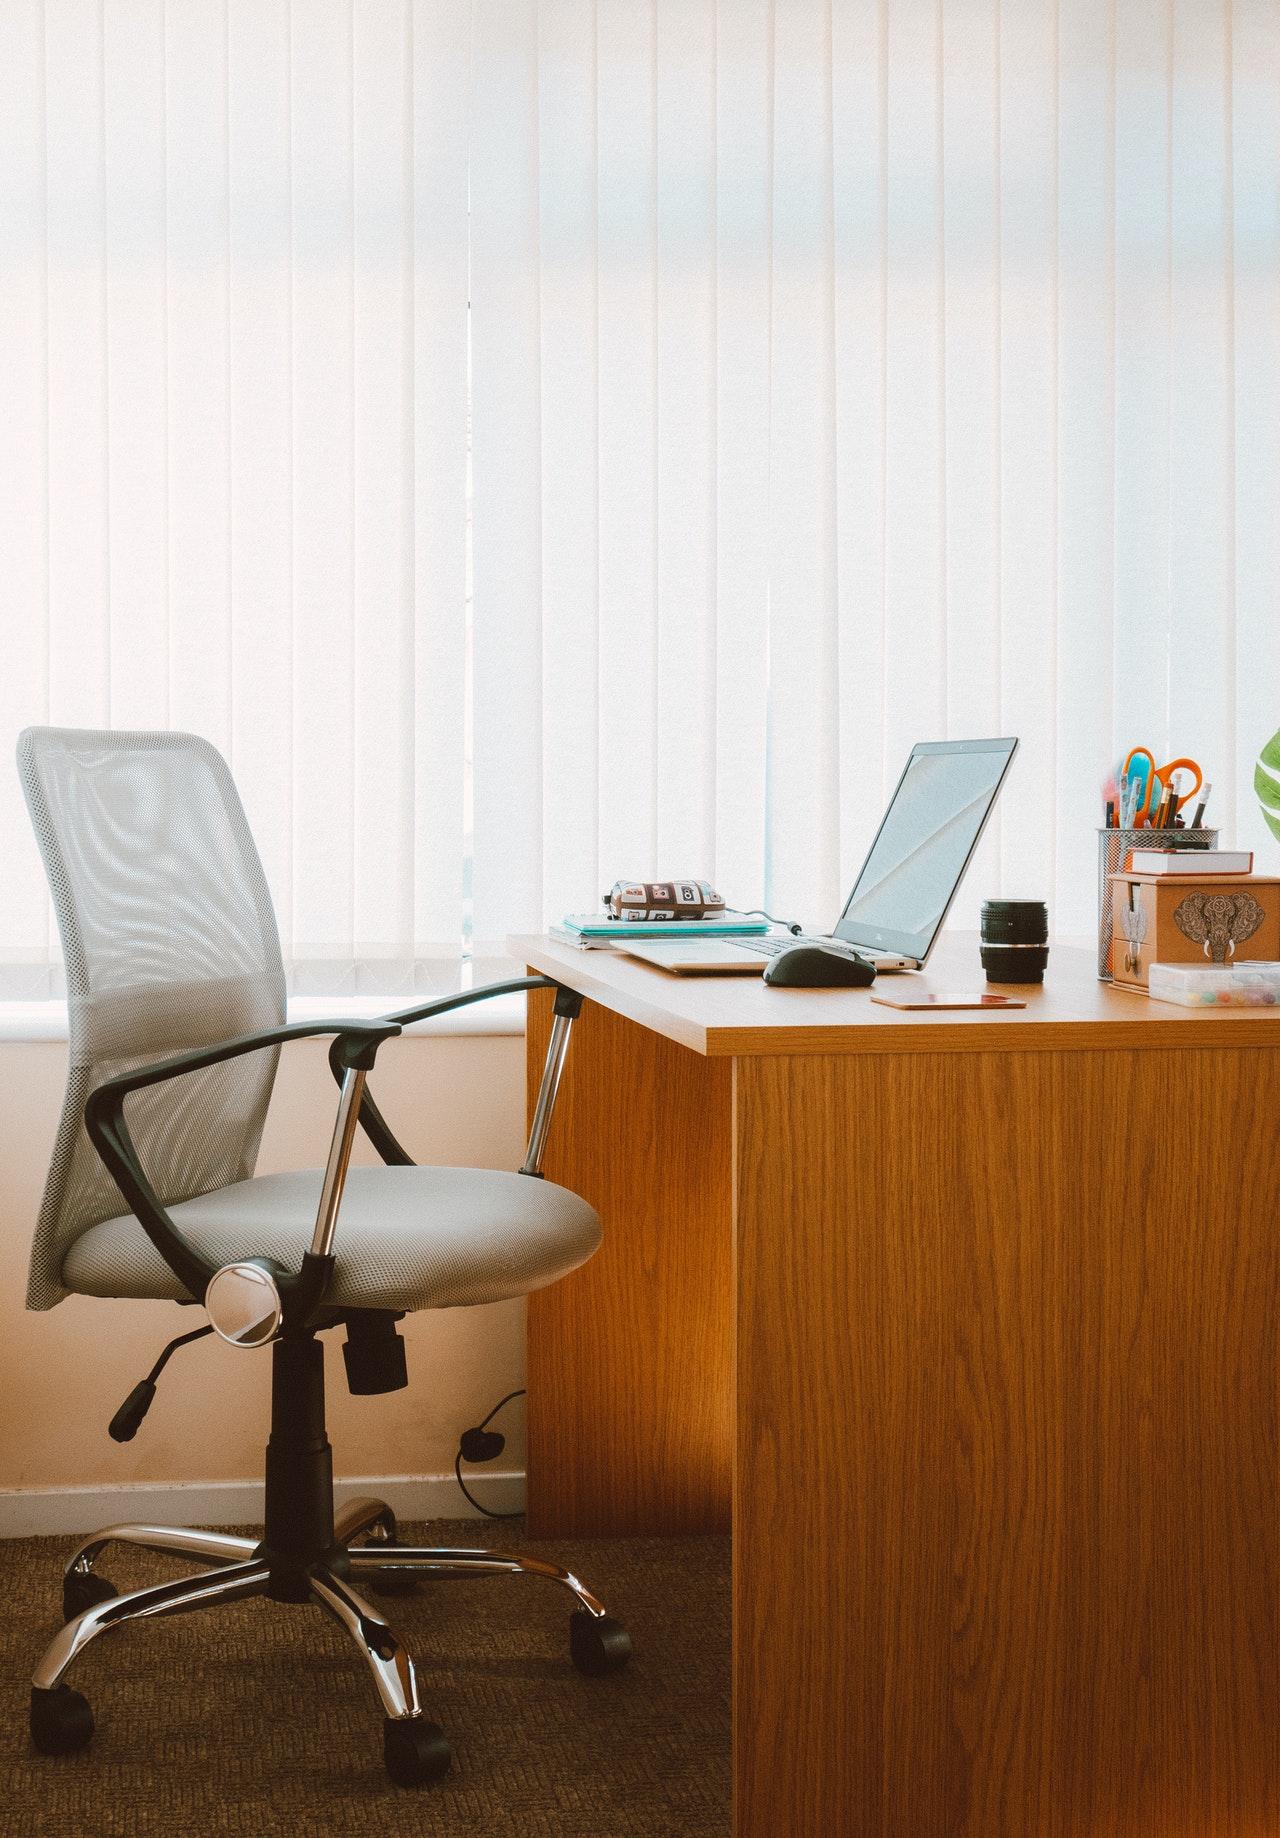 Szukasz małego biura? To musisz wziąć pod uwagę